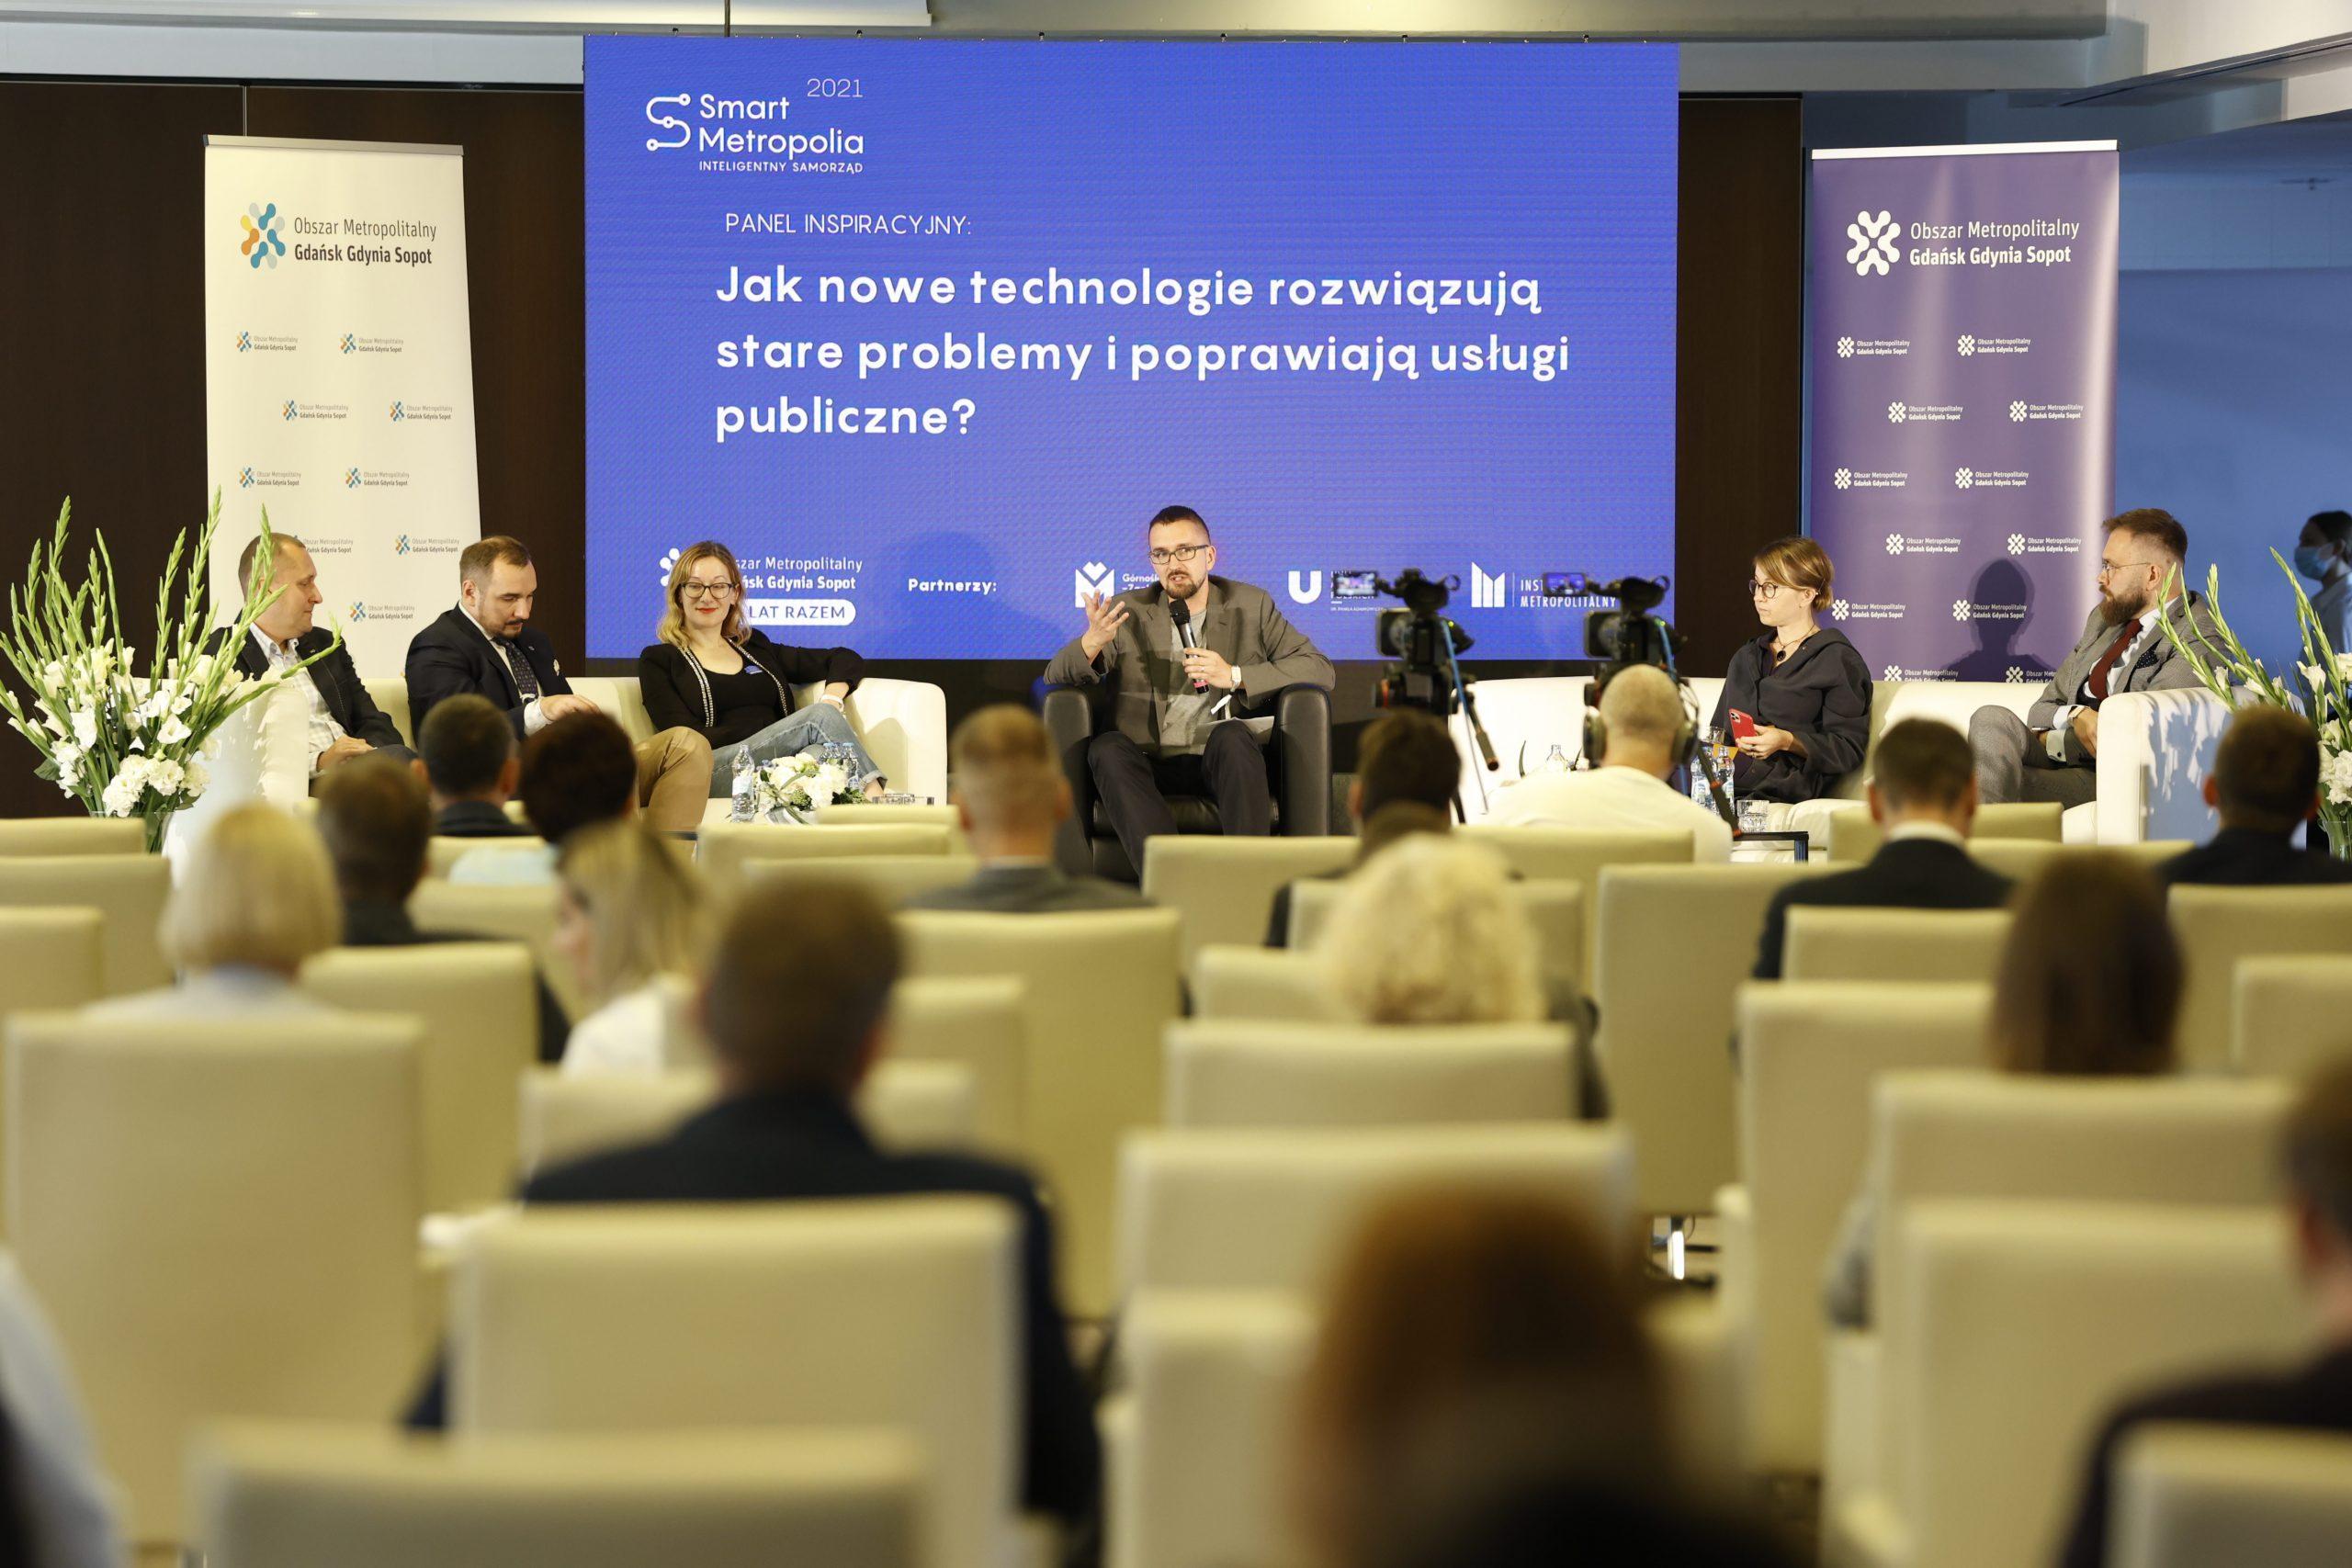 Wystąpienia podczas kongresu Smart Metropolia, który odbywa się w Arenie Gdańsk